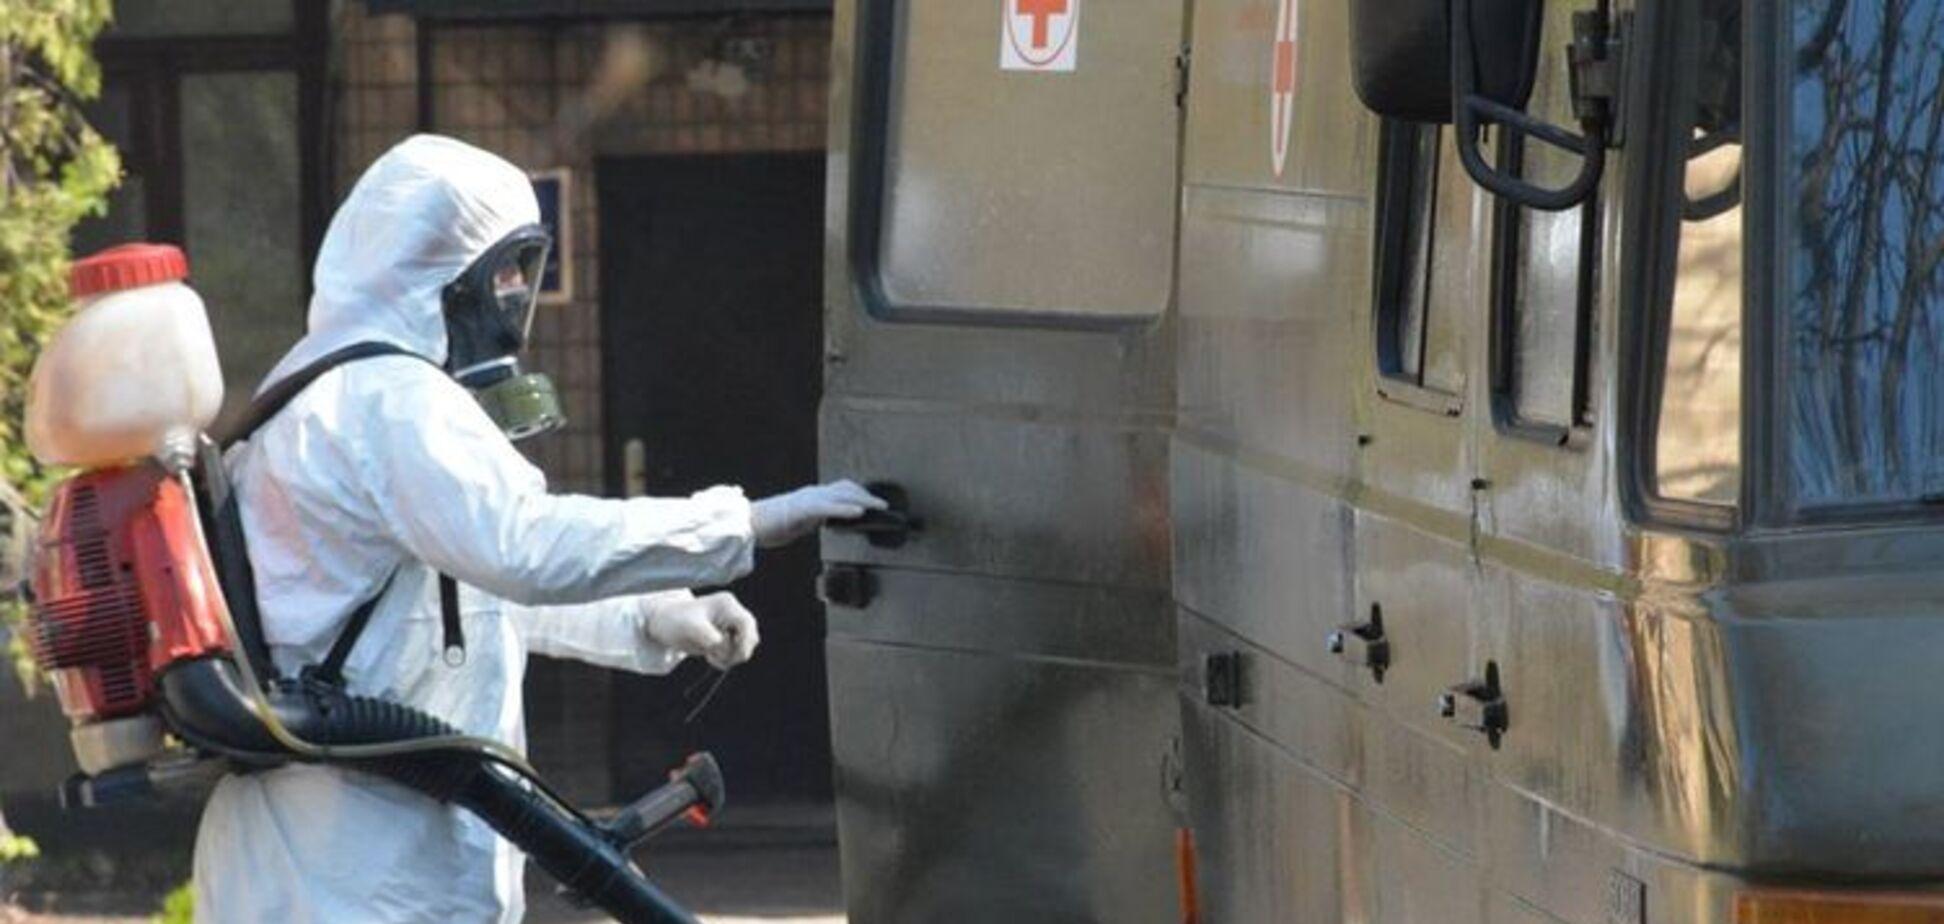 Зросла вдвічі: в Еквадорі кількість заражених коронавірусом збільшилася до 22 тисяч